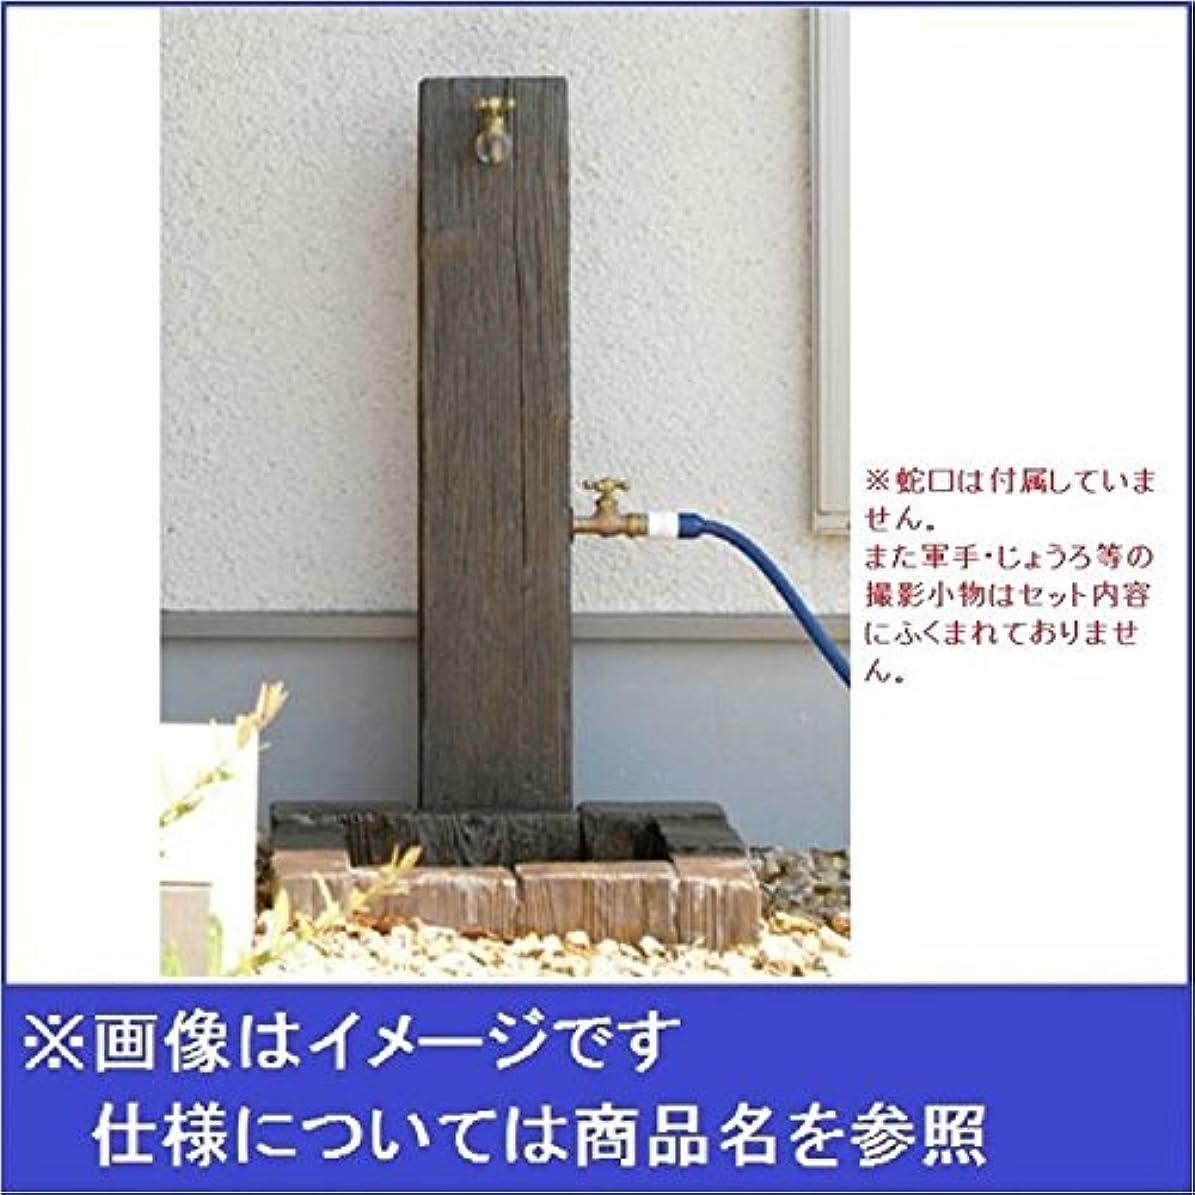 利点キャメル行ニッコー 立水栓ユニット ランバータイプ 補助蛇口仕様 LS-AW2+パンLS-Pセット ブラウン 『水栓柱?立水栓セット 蛇口?補助蛇口は別売りです』 ブラウン